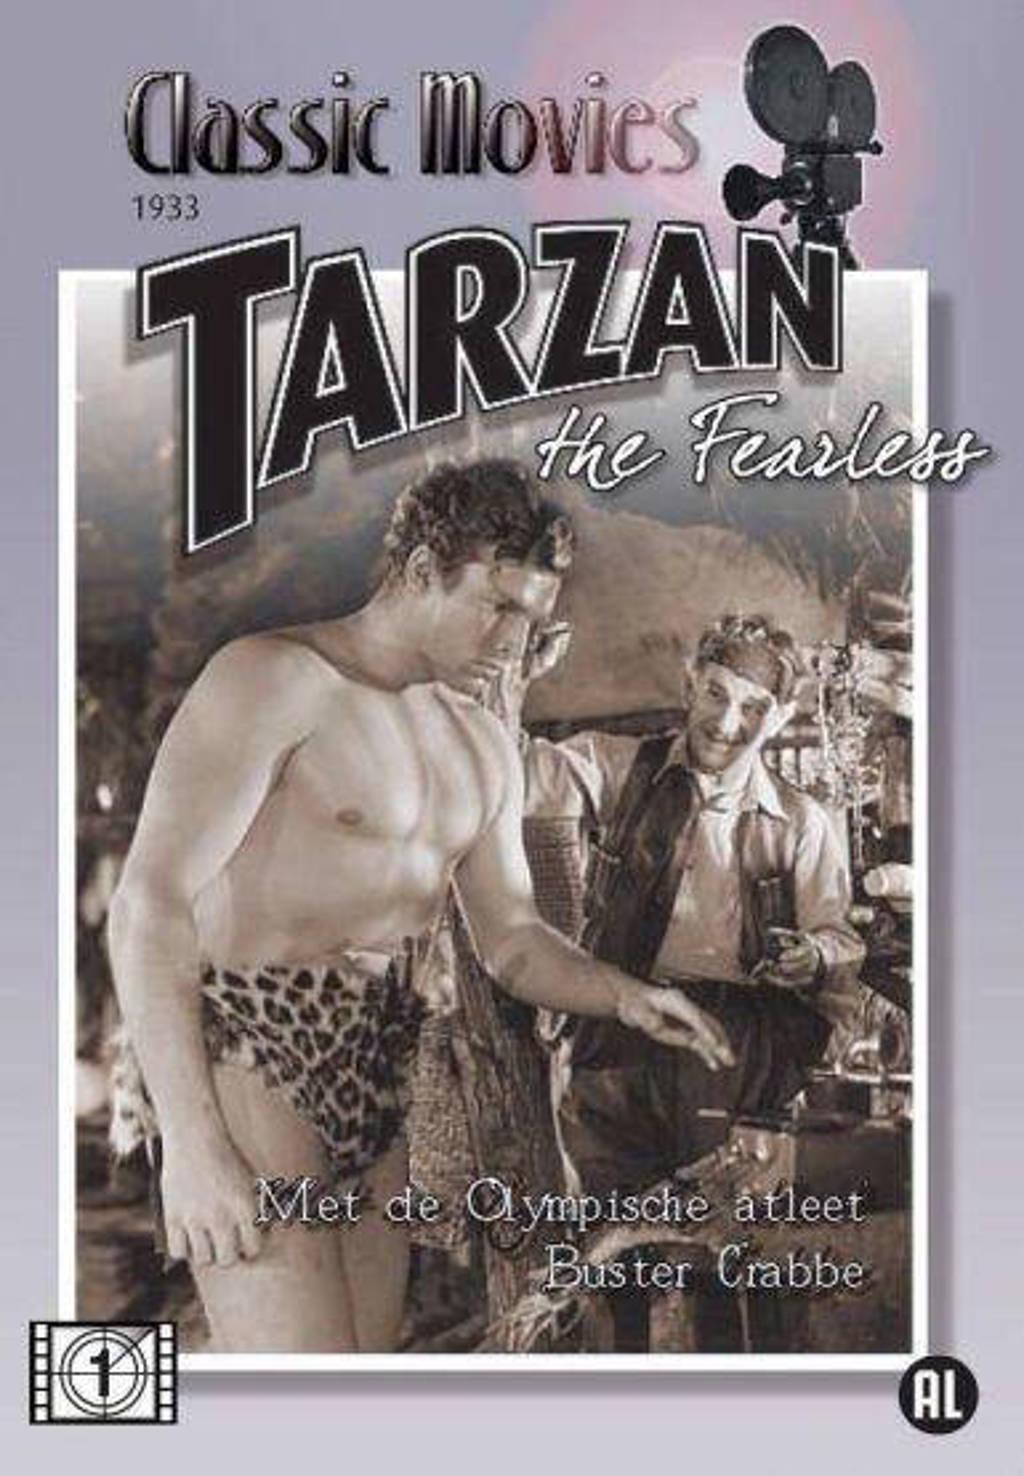 Tarzan the fearless (DVD)